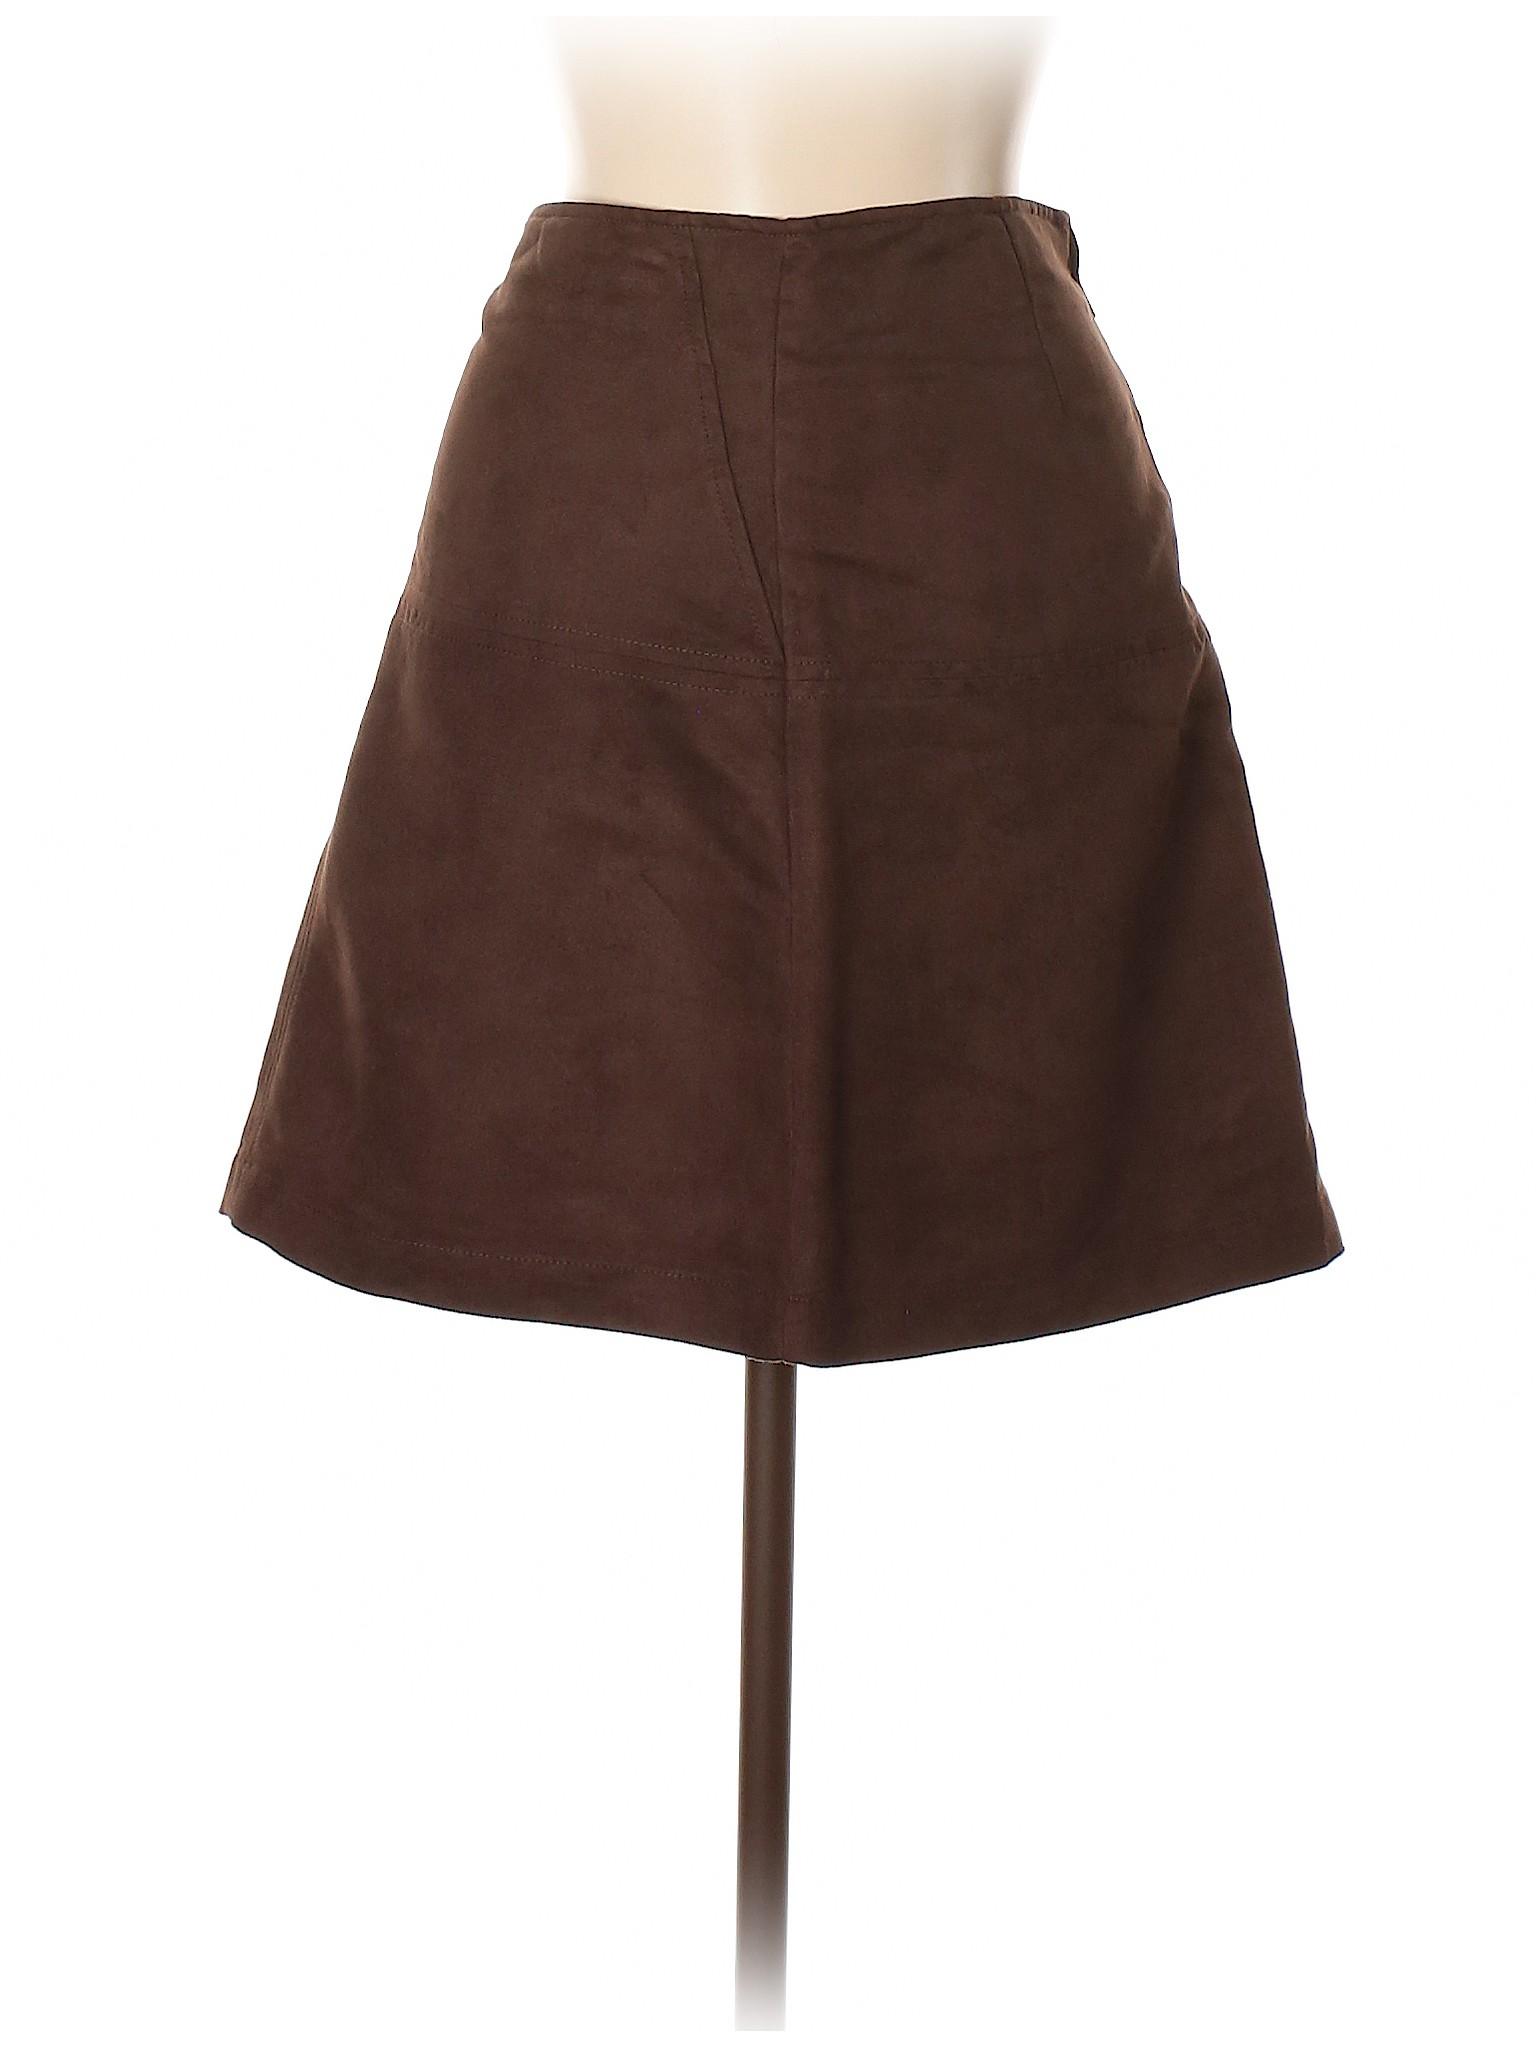 Boutique Casual Skirt Casual Boutique Casual Skirt Boutique zzrwnvxgq